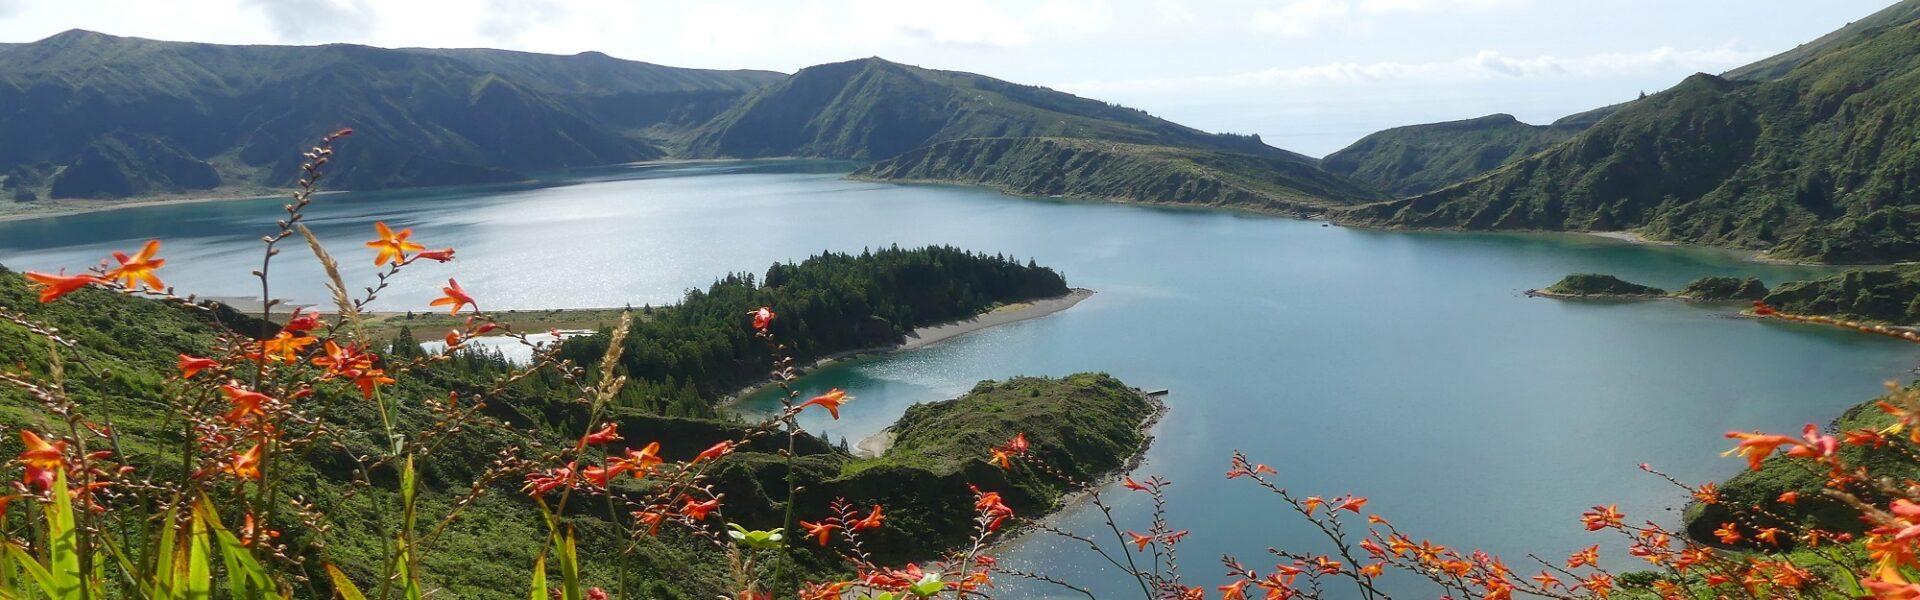 Randonnée sur 6 îles des Açores - Lac de Fogo, Île de São Miguel